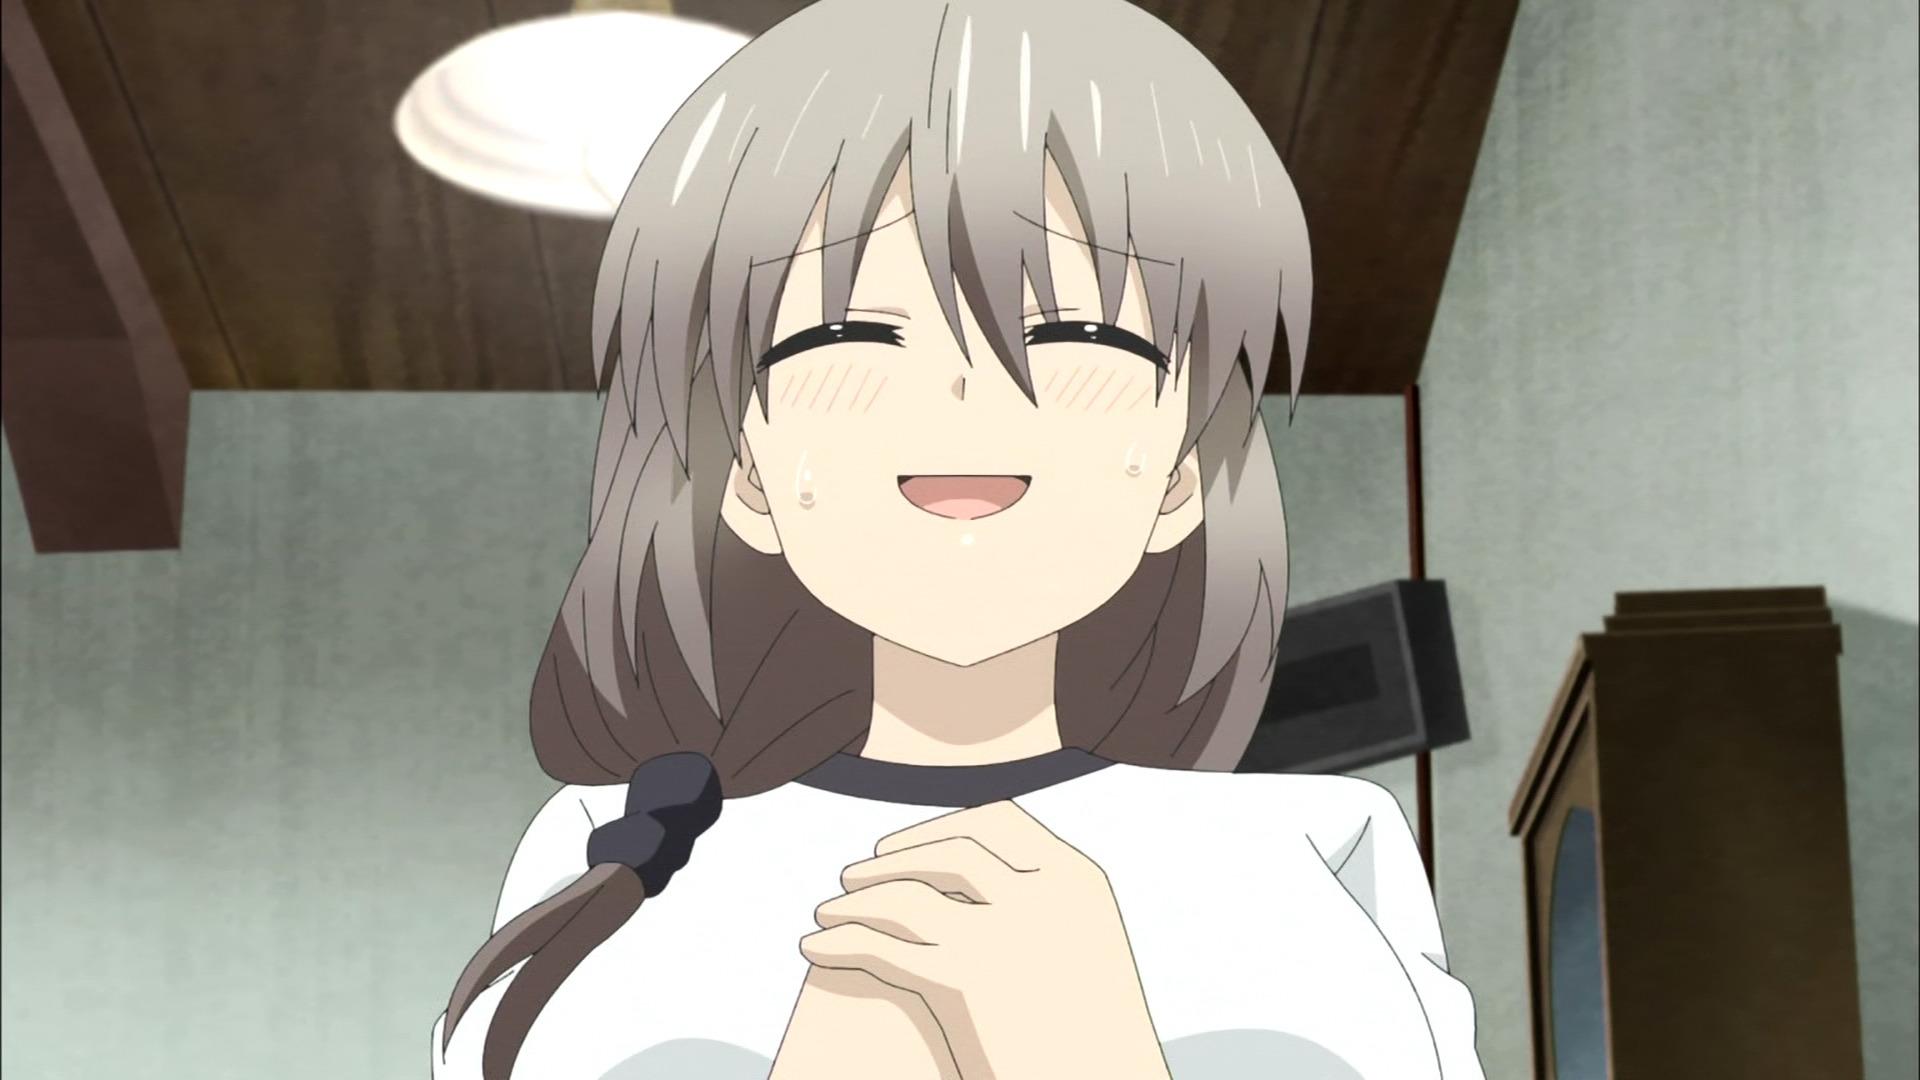 『宇崎ちゃんは遊びたい!』9話感想・・・ついに作品で一番人気がある宇崎ママンが登場!  そしてコナンコラボワロタwwwww